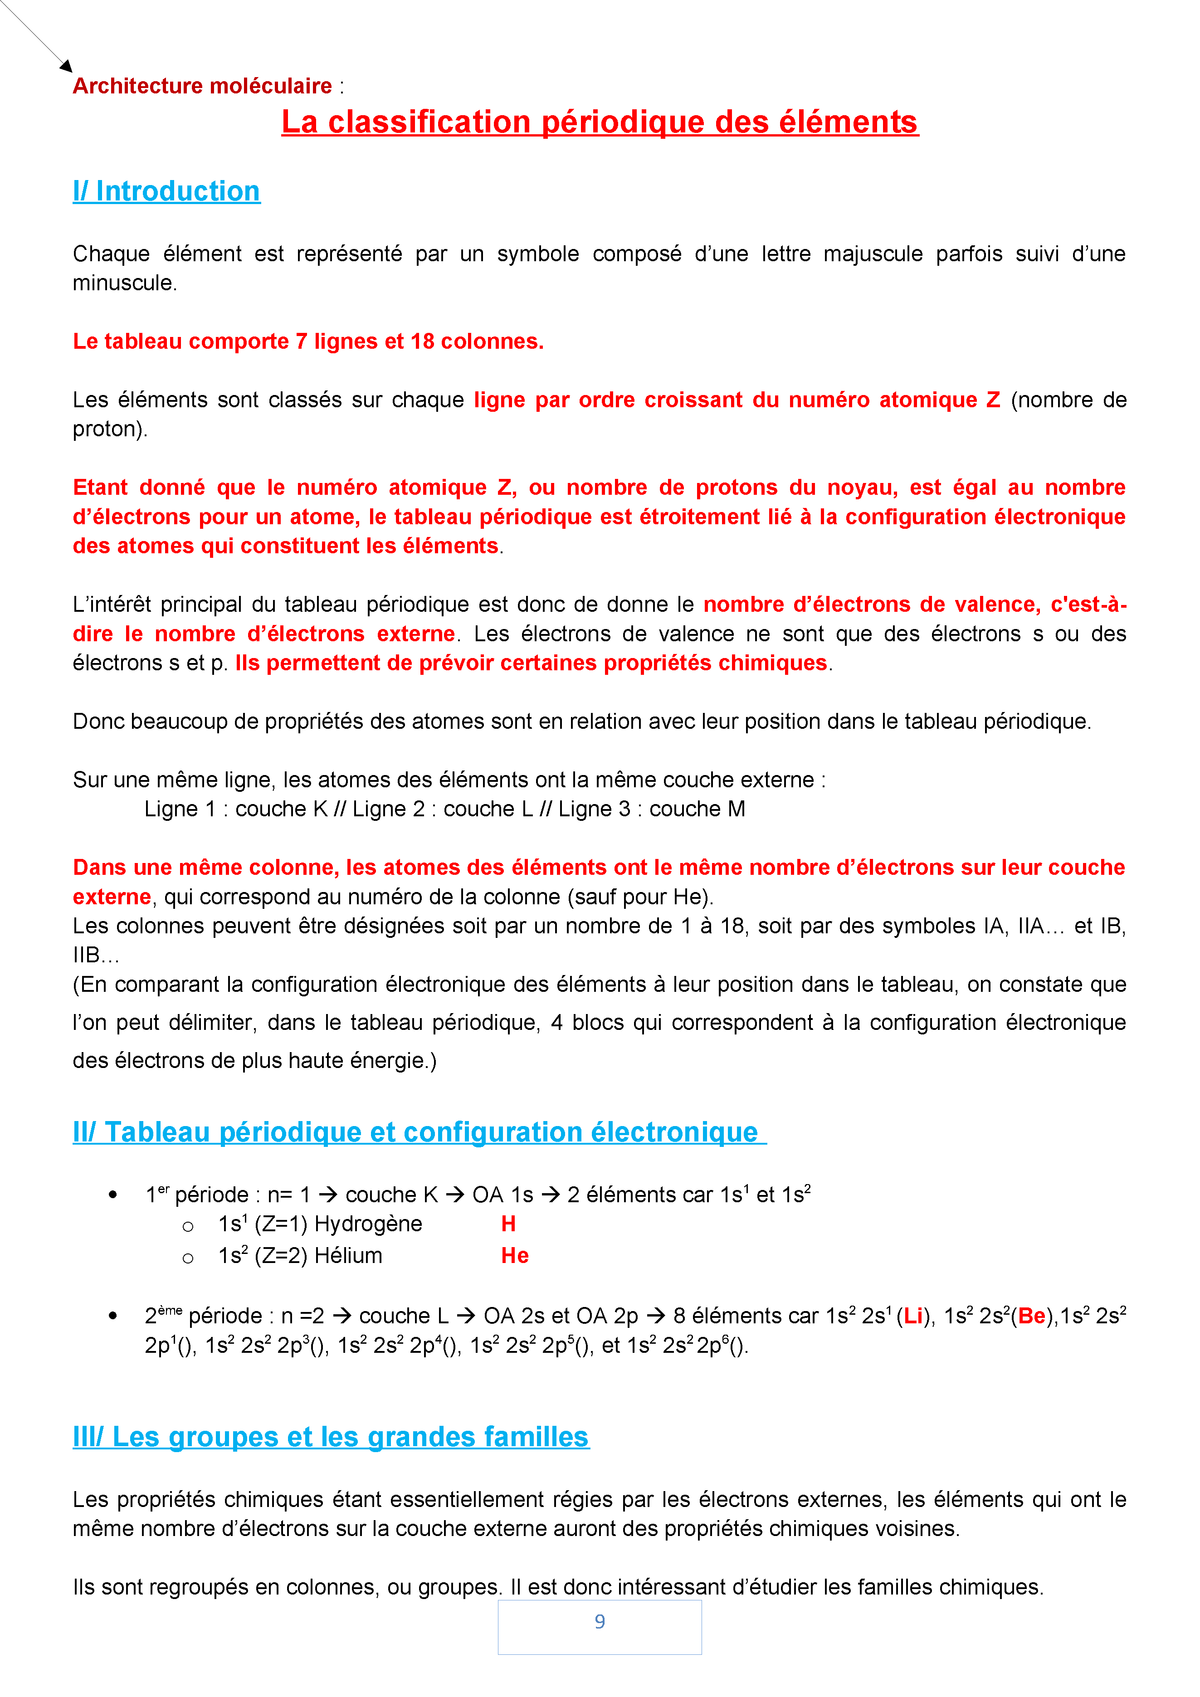 Architecture Moleculaire La Classification Periodique Des Elements Studocu